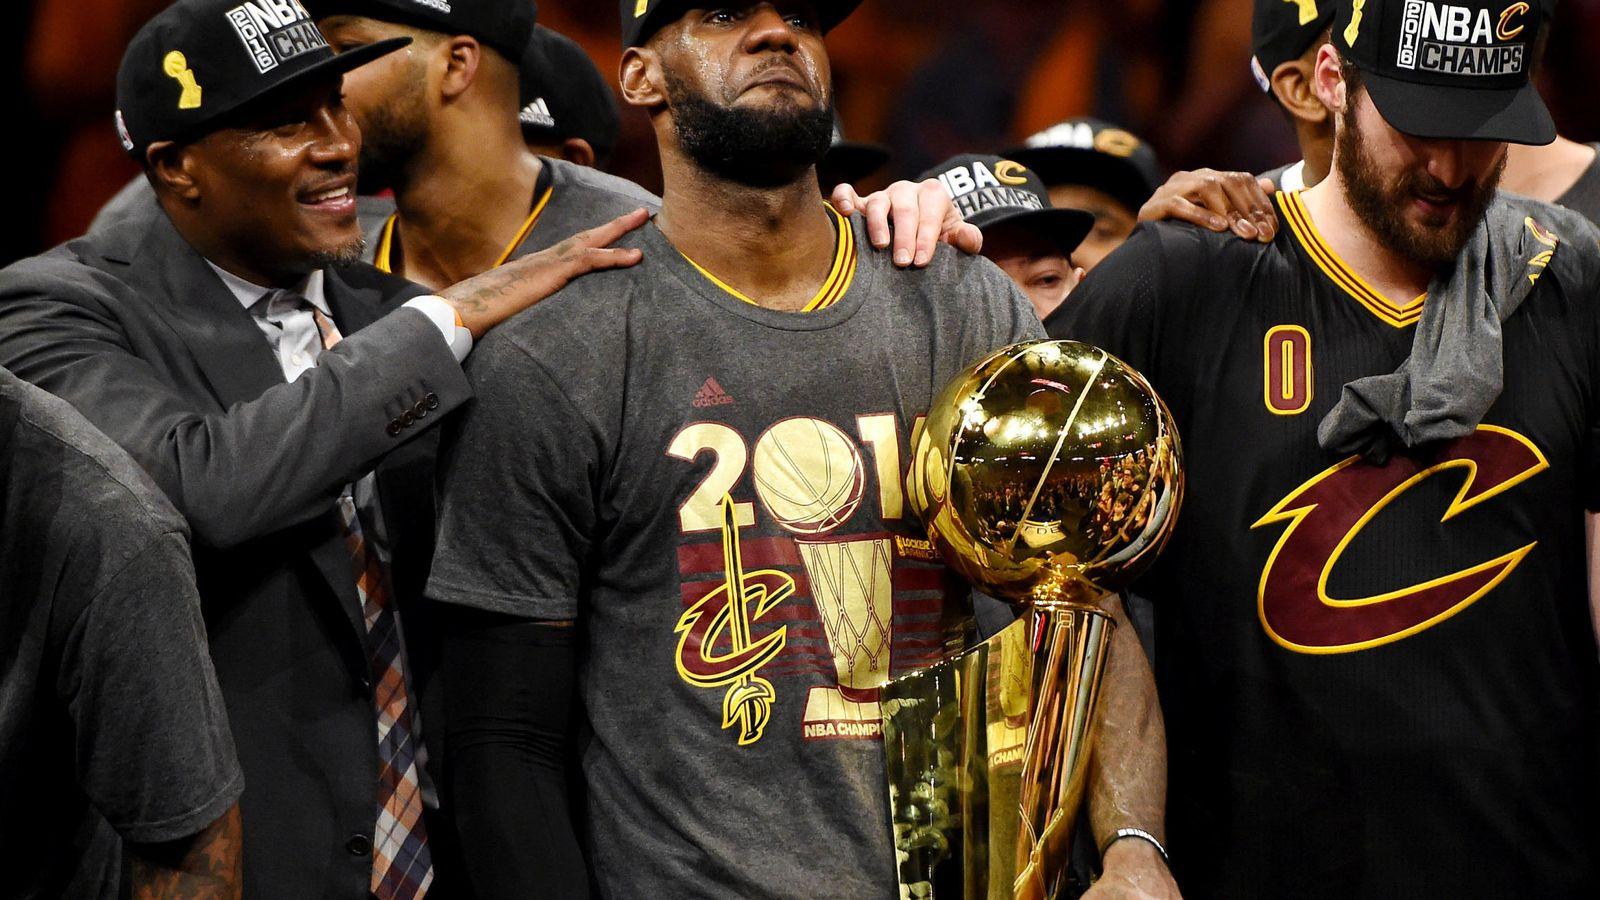 Foto: LeBron James lloró tras ganar la NBA con los Cavaliers (Bob Donnan/USA TODAY Sports)